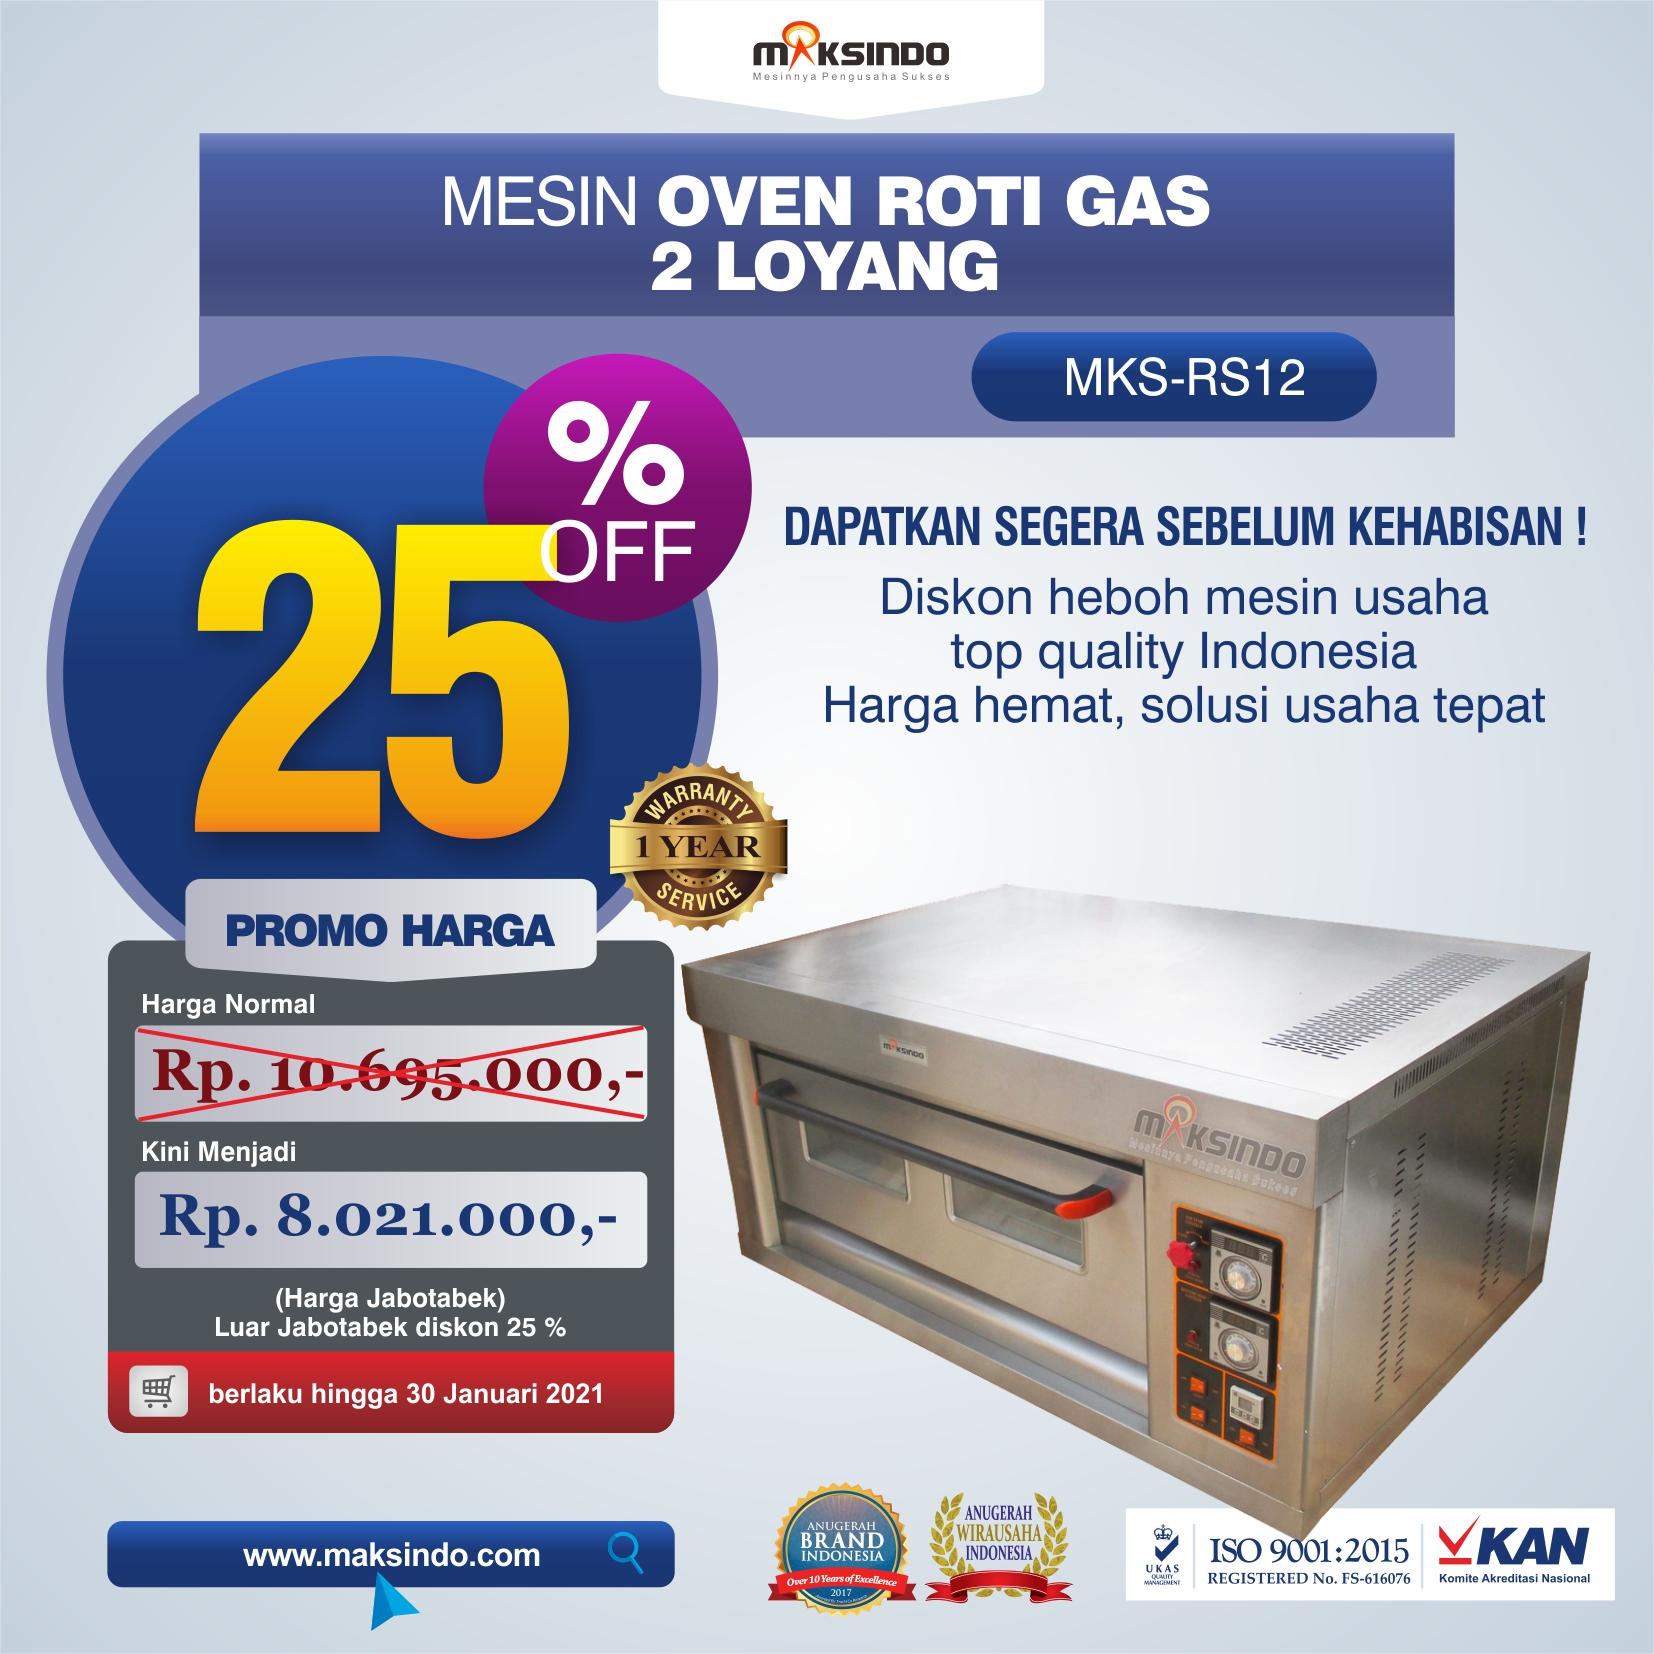 Jual Mesin Oven Roti Gas 2 Loyang (MKS-RS12) di Yogyakarta